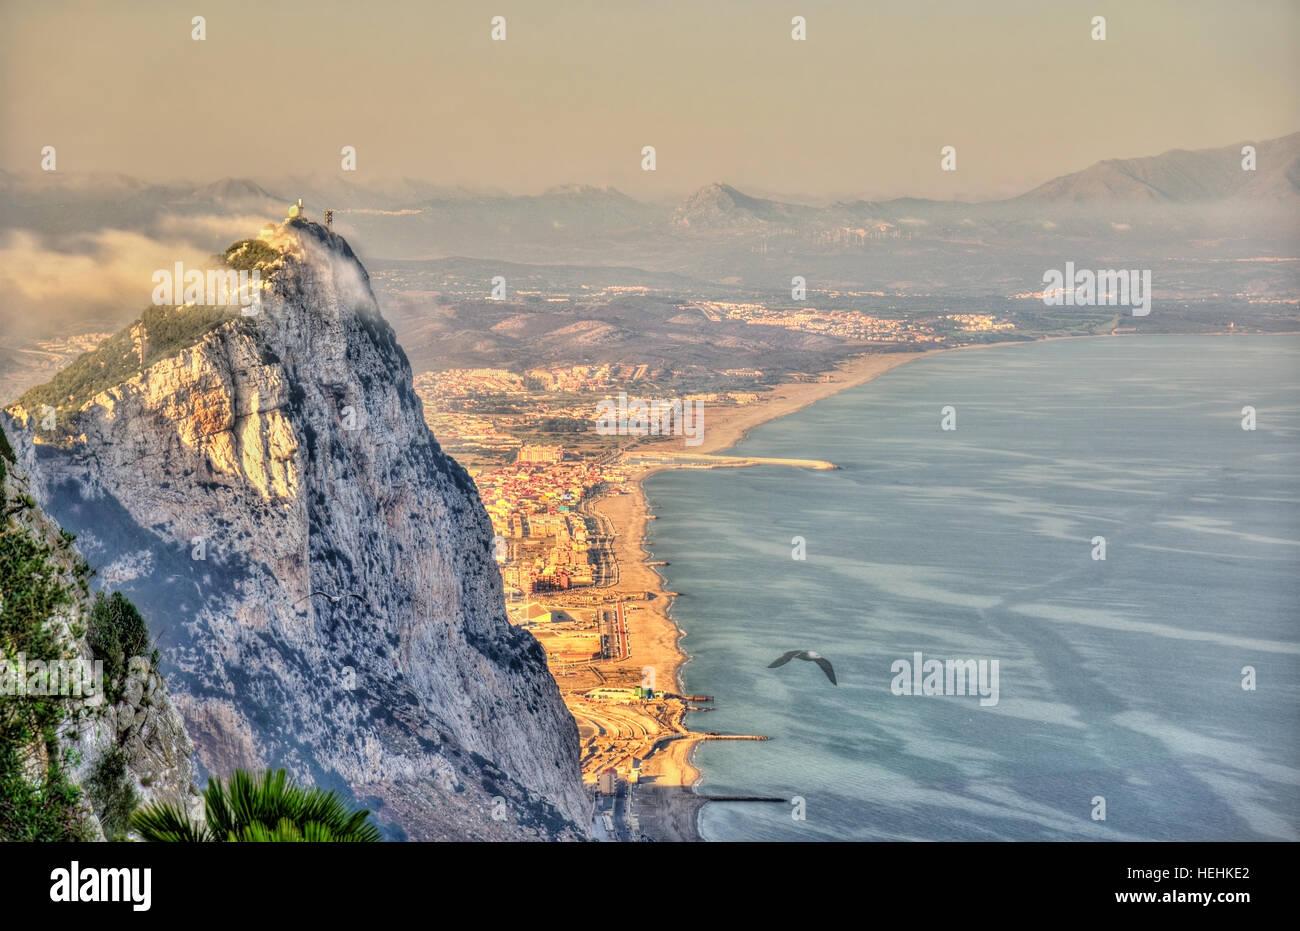 Rocher de Gibraltar dans le brouillard. Un territoire britannique d'outre-mer Photo Stock